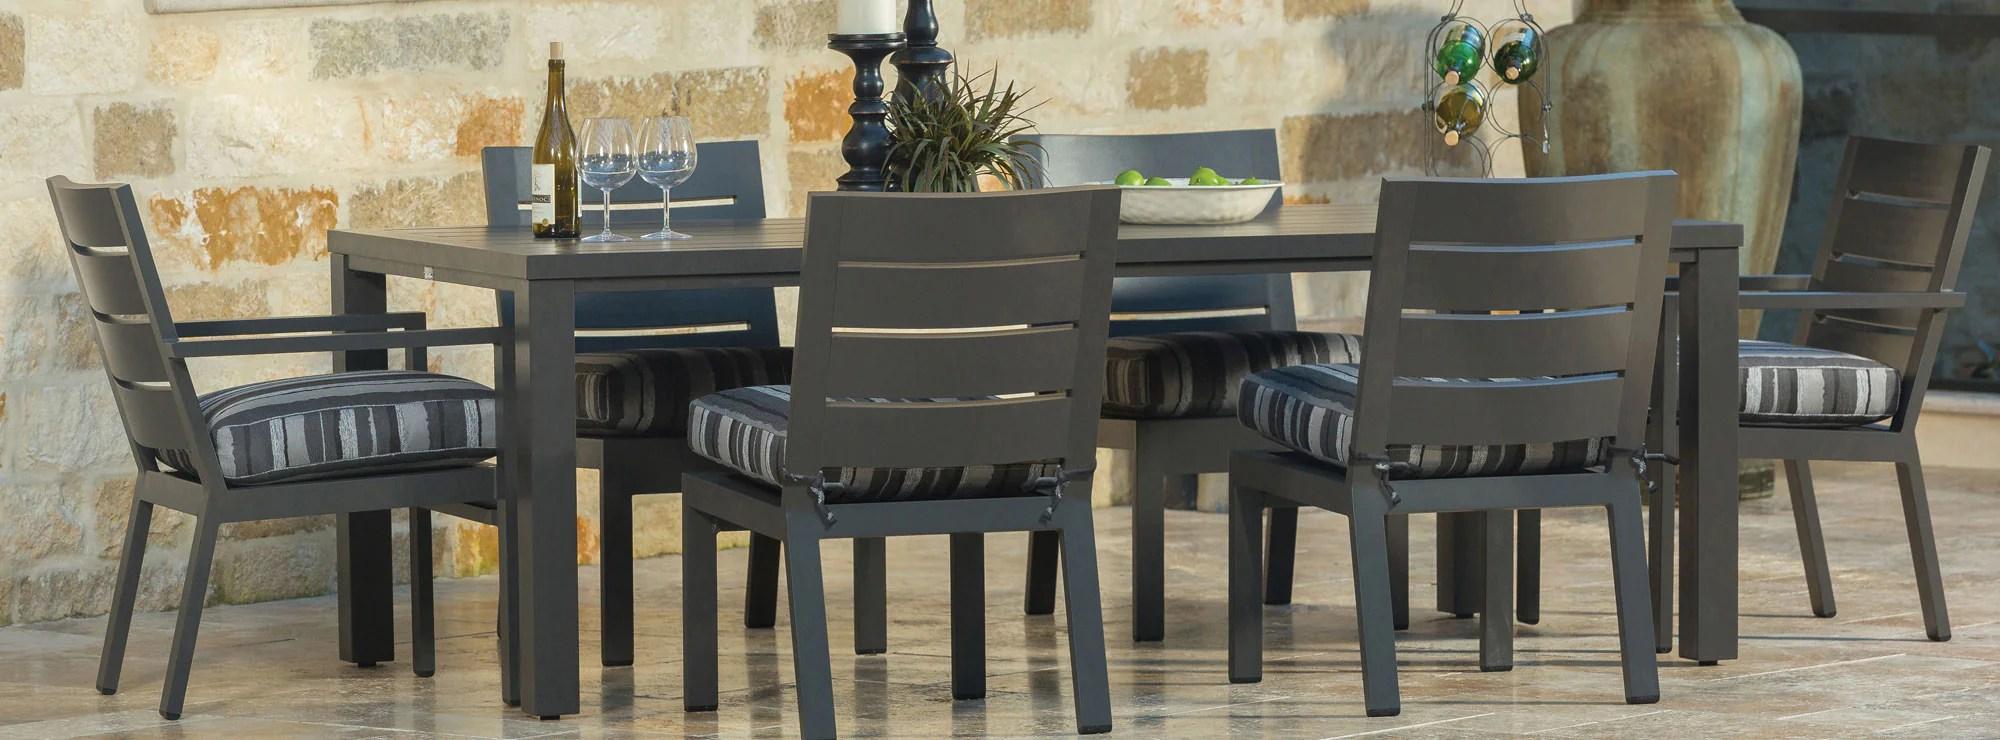 palermo patio dining set